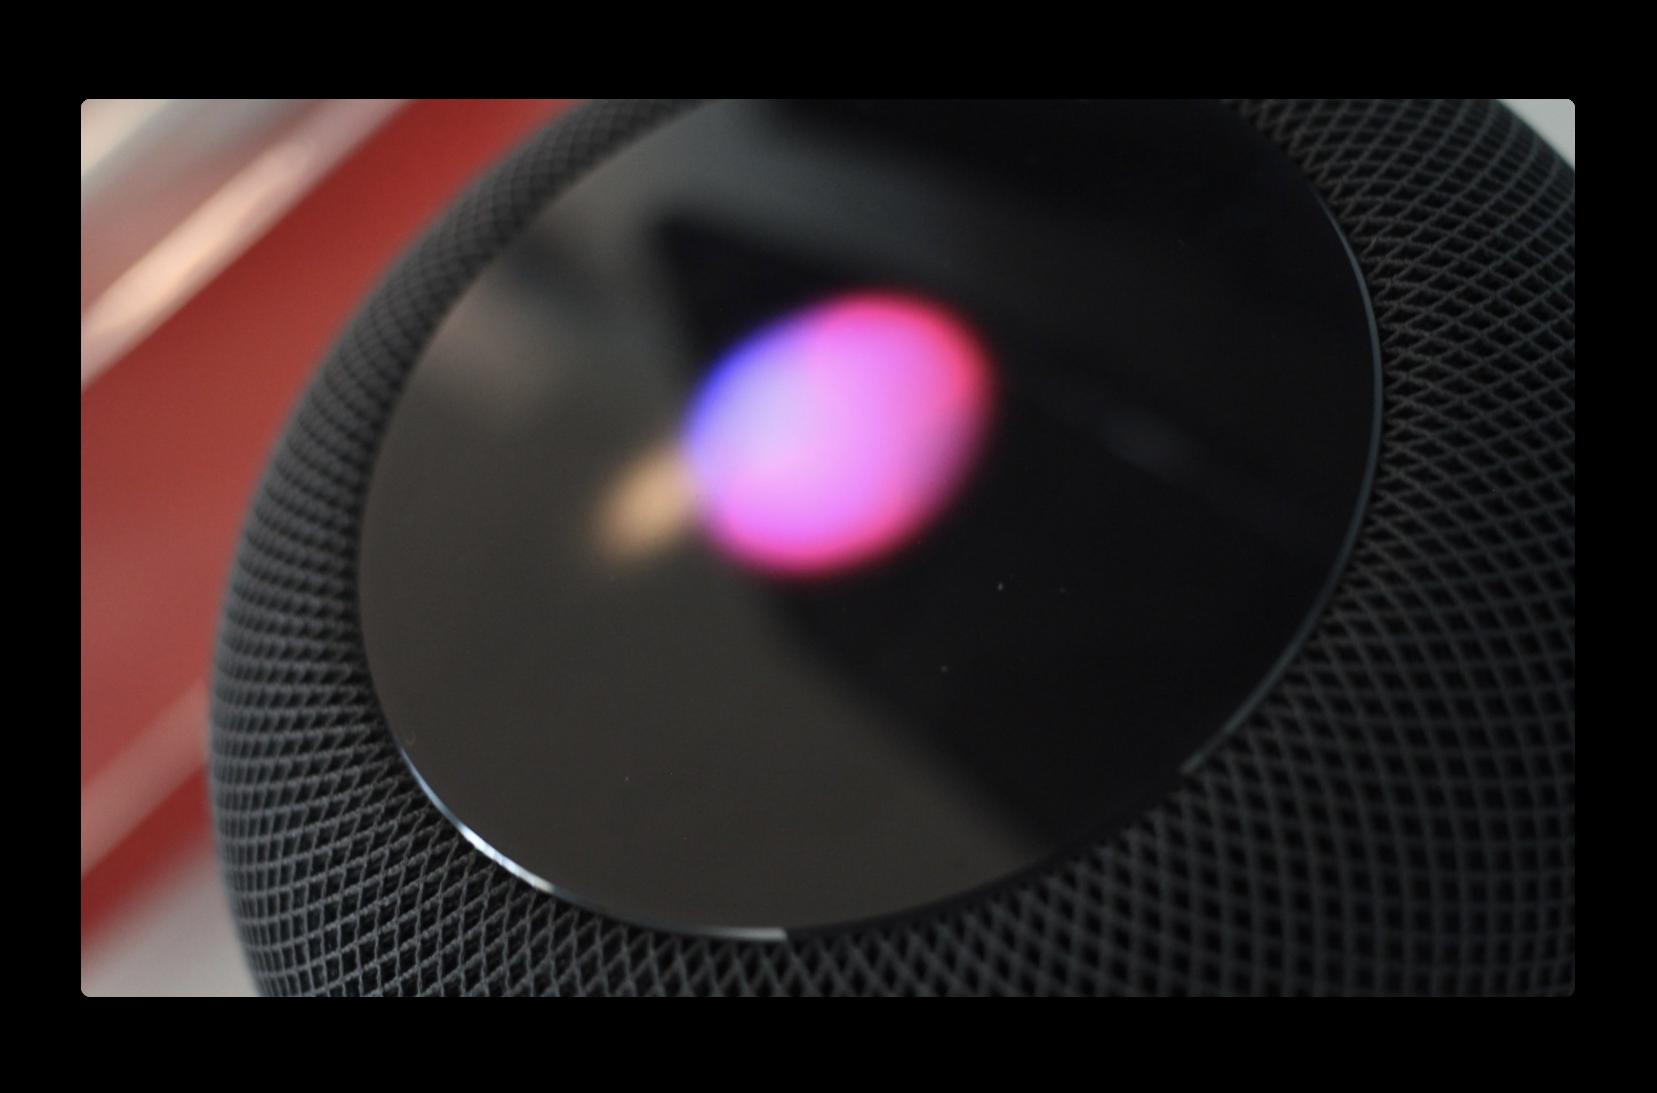 Apple、HomePodをセットアップする時iOS 13では上部のLEDパターンをスキャンする必要がある